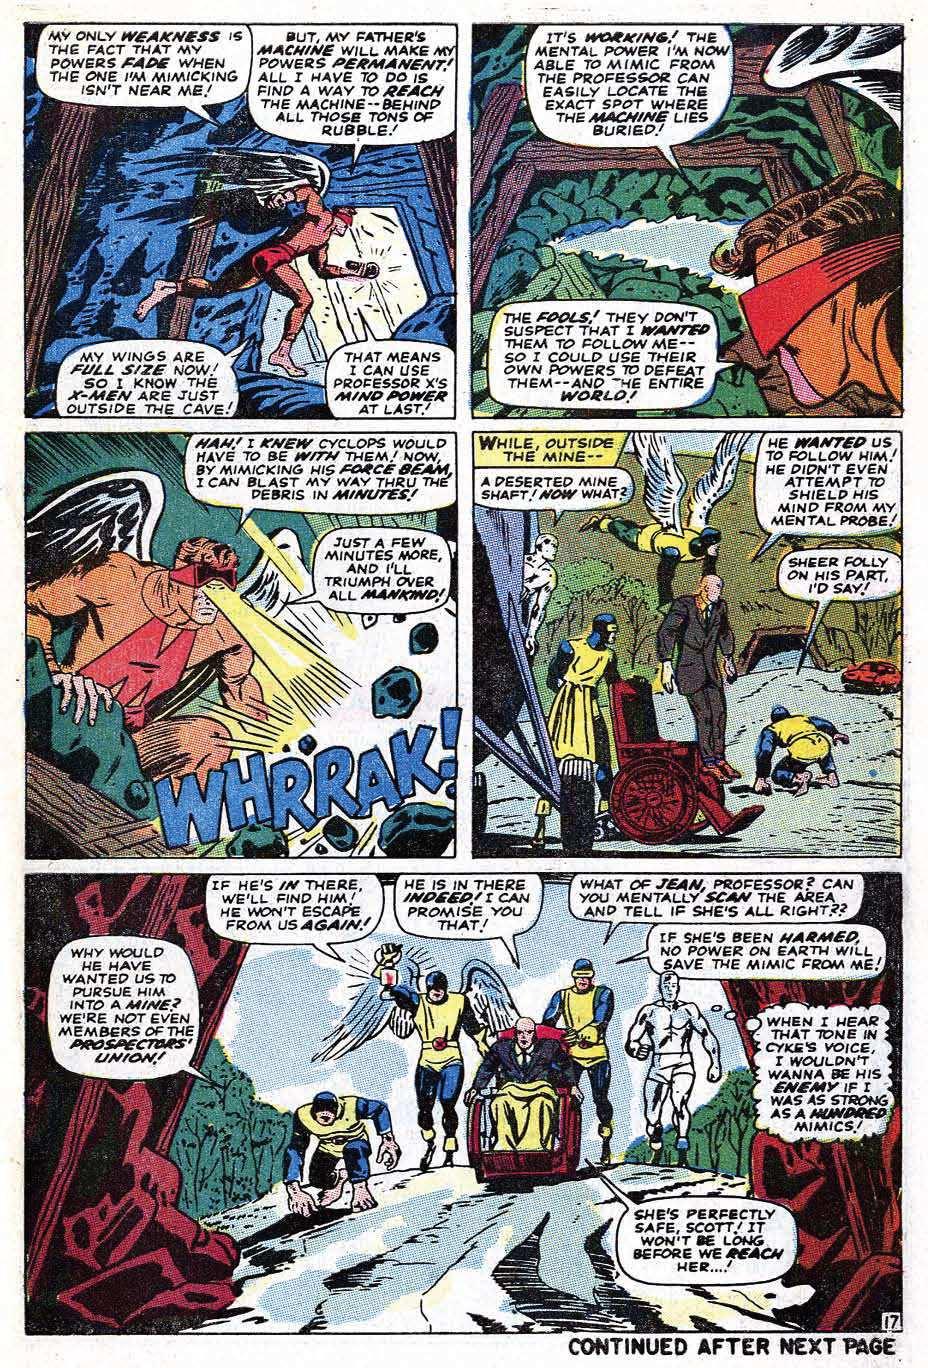 Read online Uncanny X-Men (1963) comic -  Issue #69 - 45